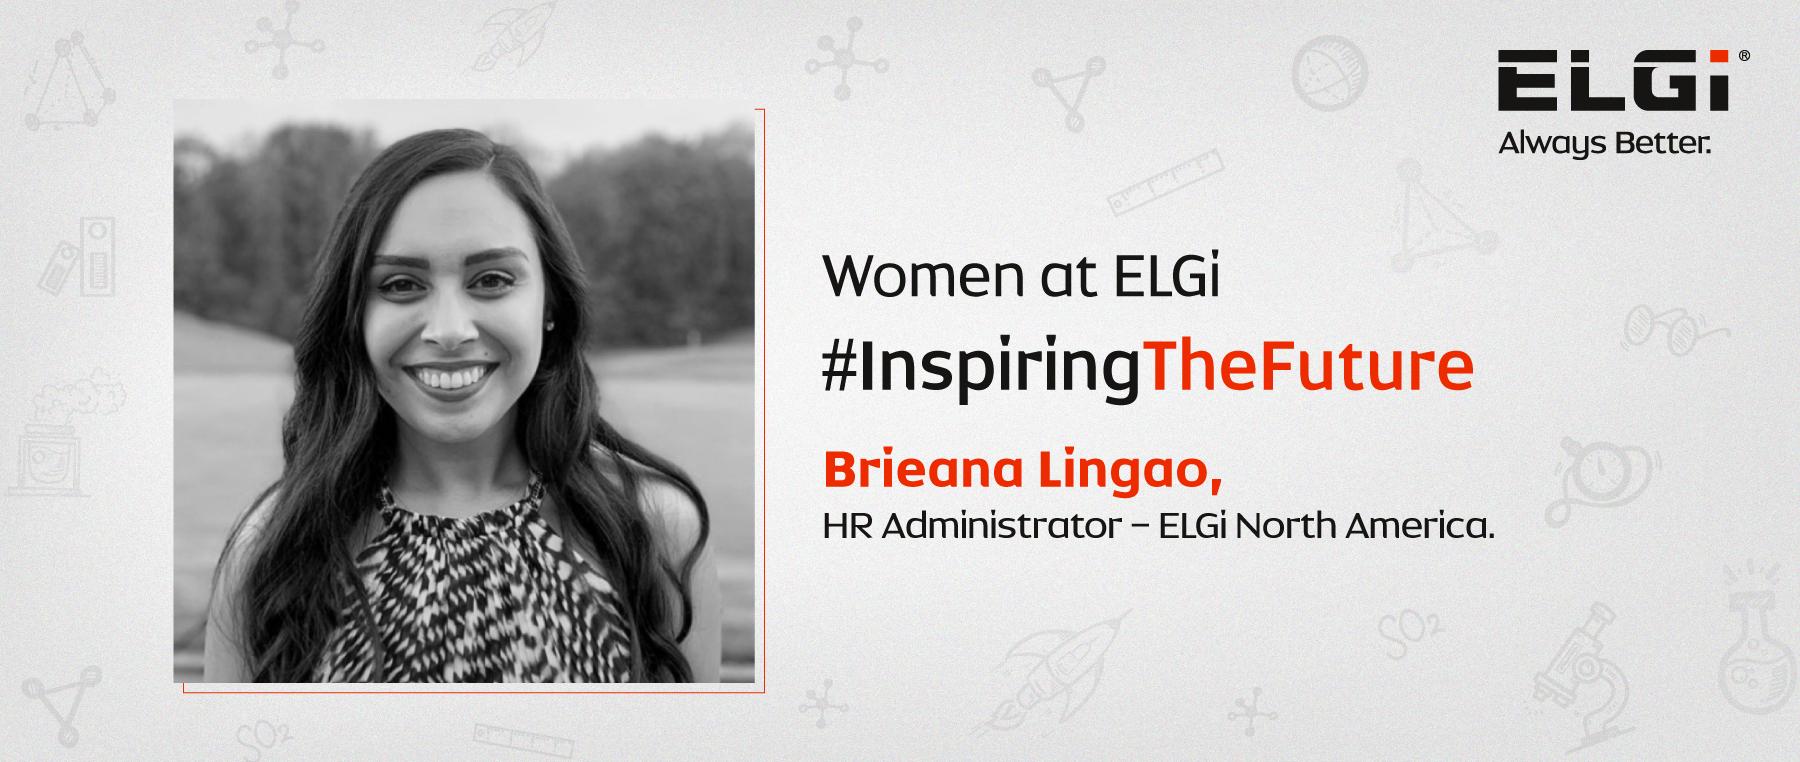 Women at ELGi #InspiringTheFuture – Brieana Lingao